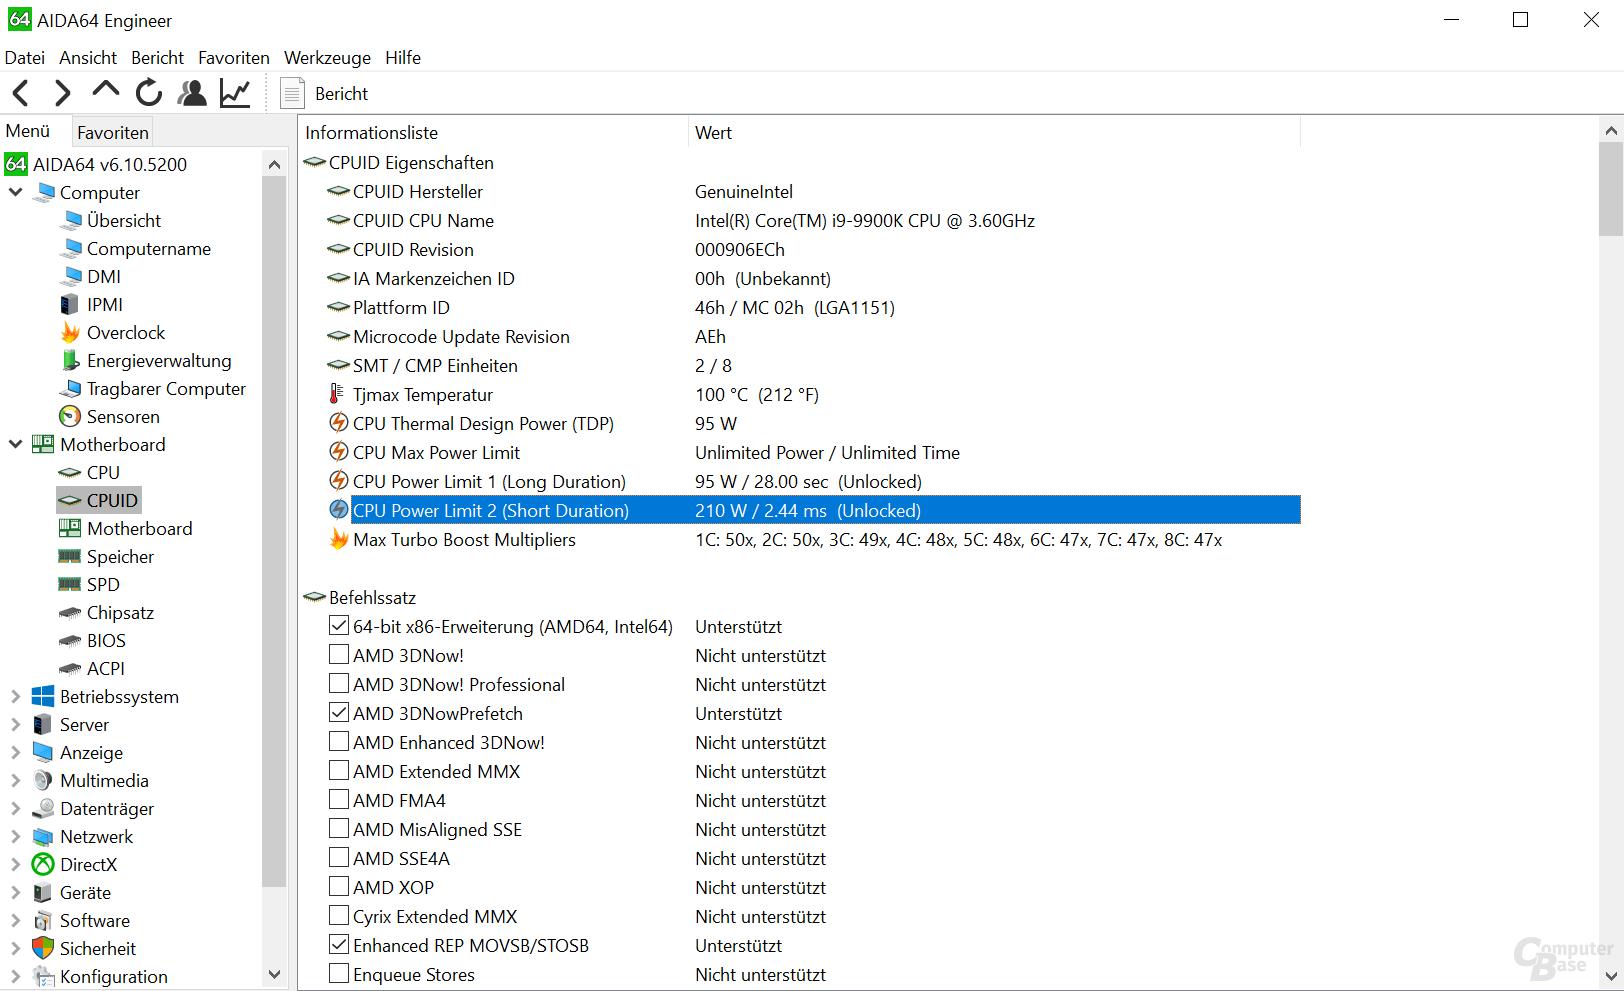 Auch der 9900K darf bis 210 Watt TDP auf Asus-Mainboards